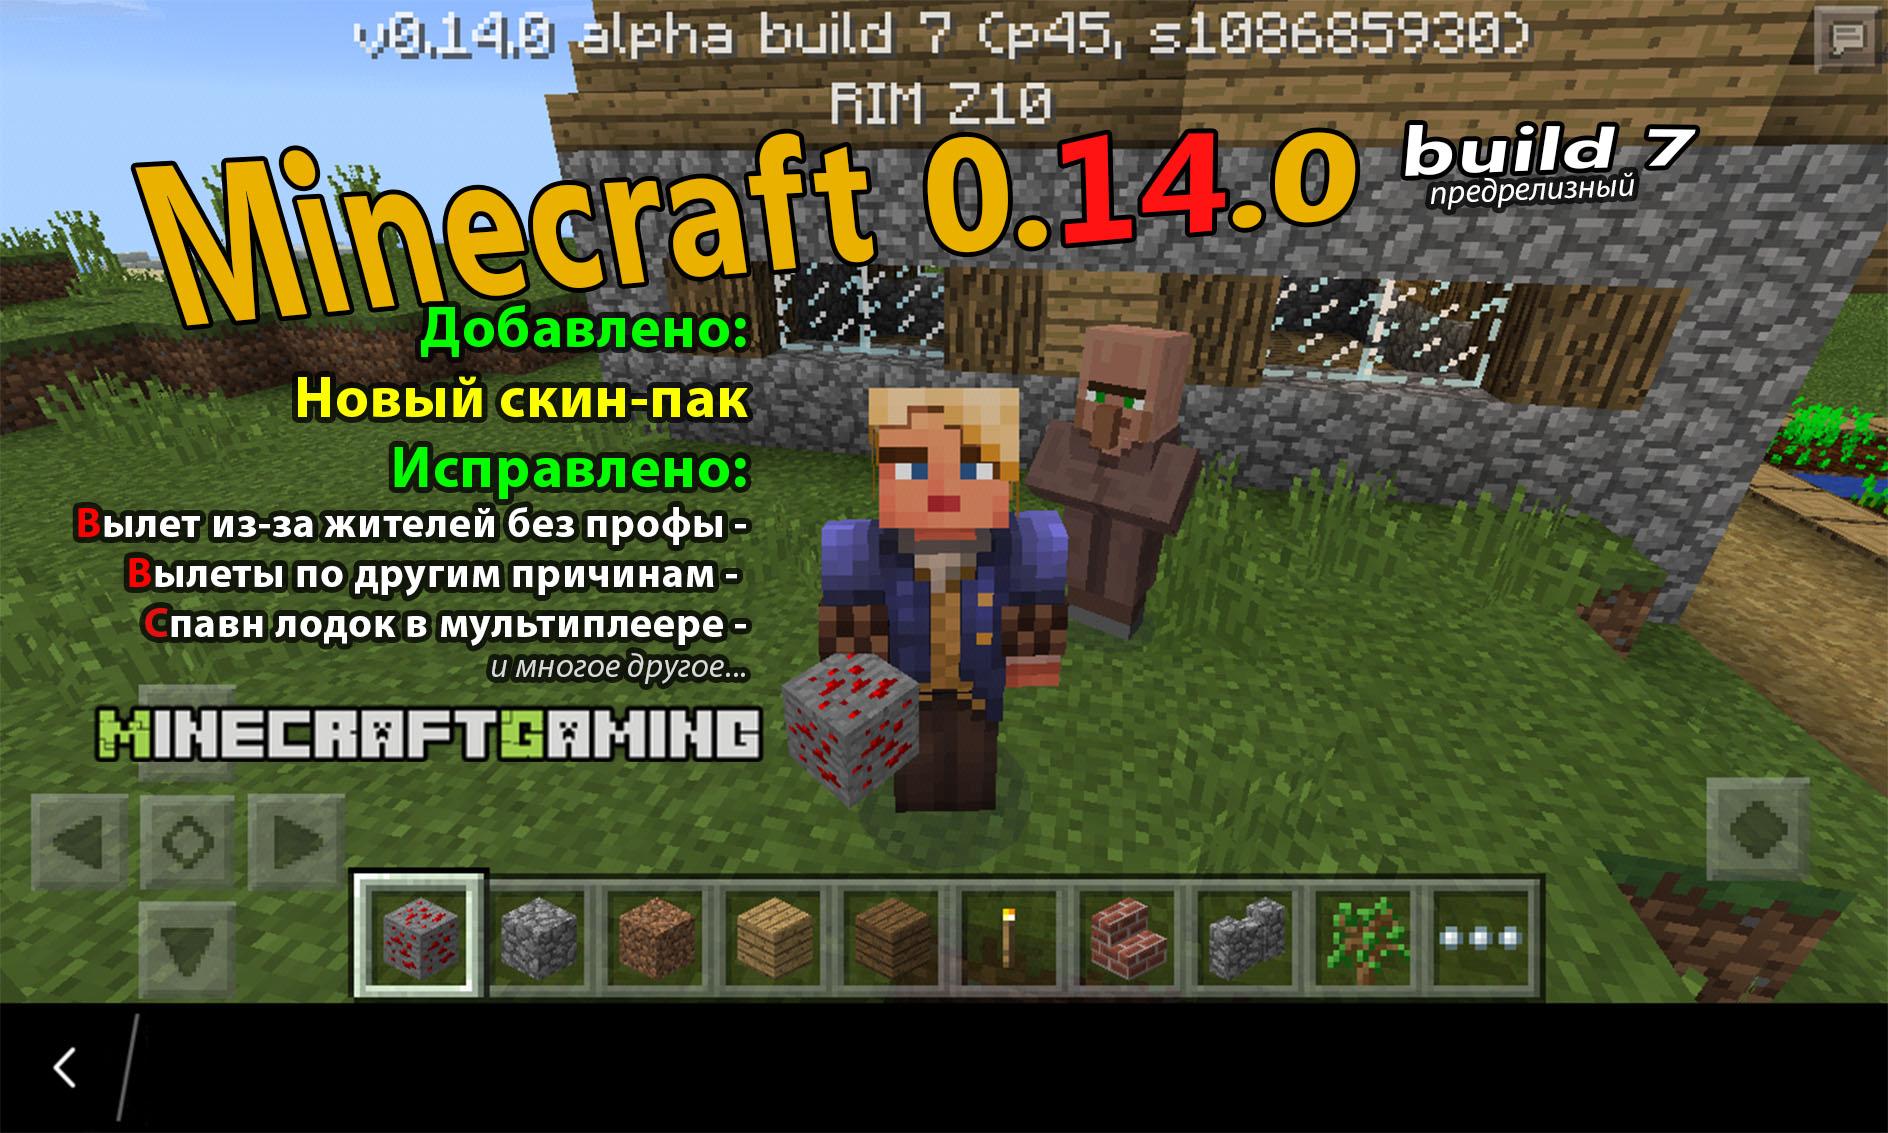 Седьмой билд версии 0.14.0 игры Minecraft PE можно скачать уже сейчас. MCPE 0.14.0 Build 7 - предрелизный билд. Добавлен новый скин-пак, иправлены баги вылеты, а также проблемы взаимодействия с сундуком